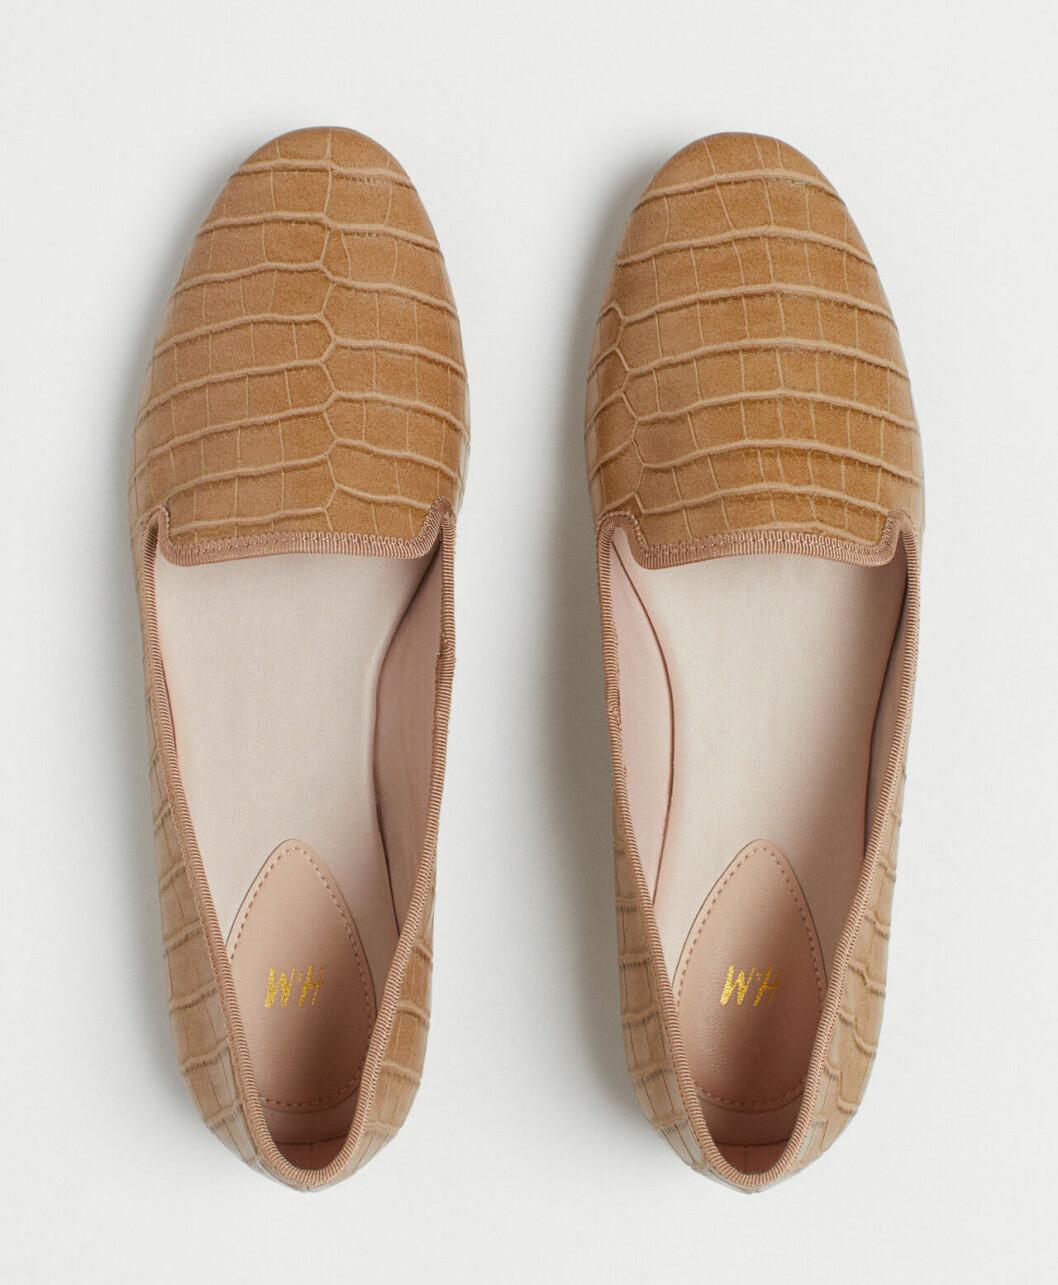 Höstskor 2019: Beige loafers för dam från H&M